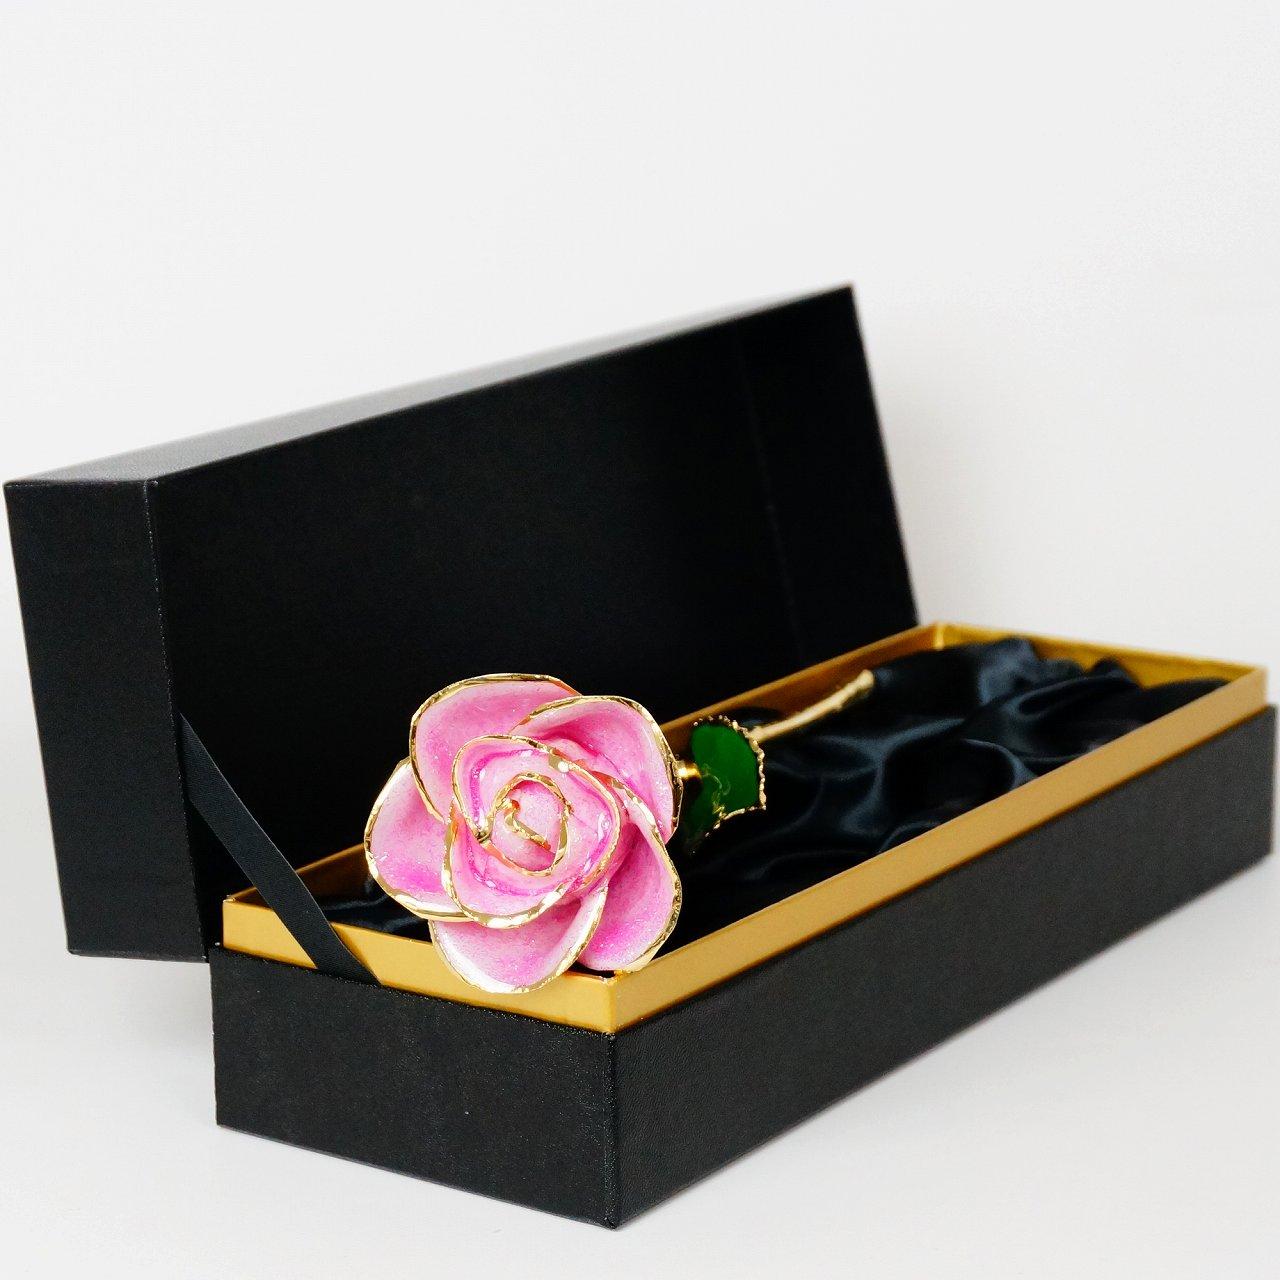 キラキラな花びらは特別なギフトにぴったり!24金で縁取った「スパークルローズ ピンク」